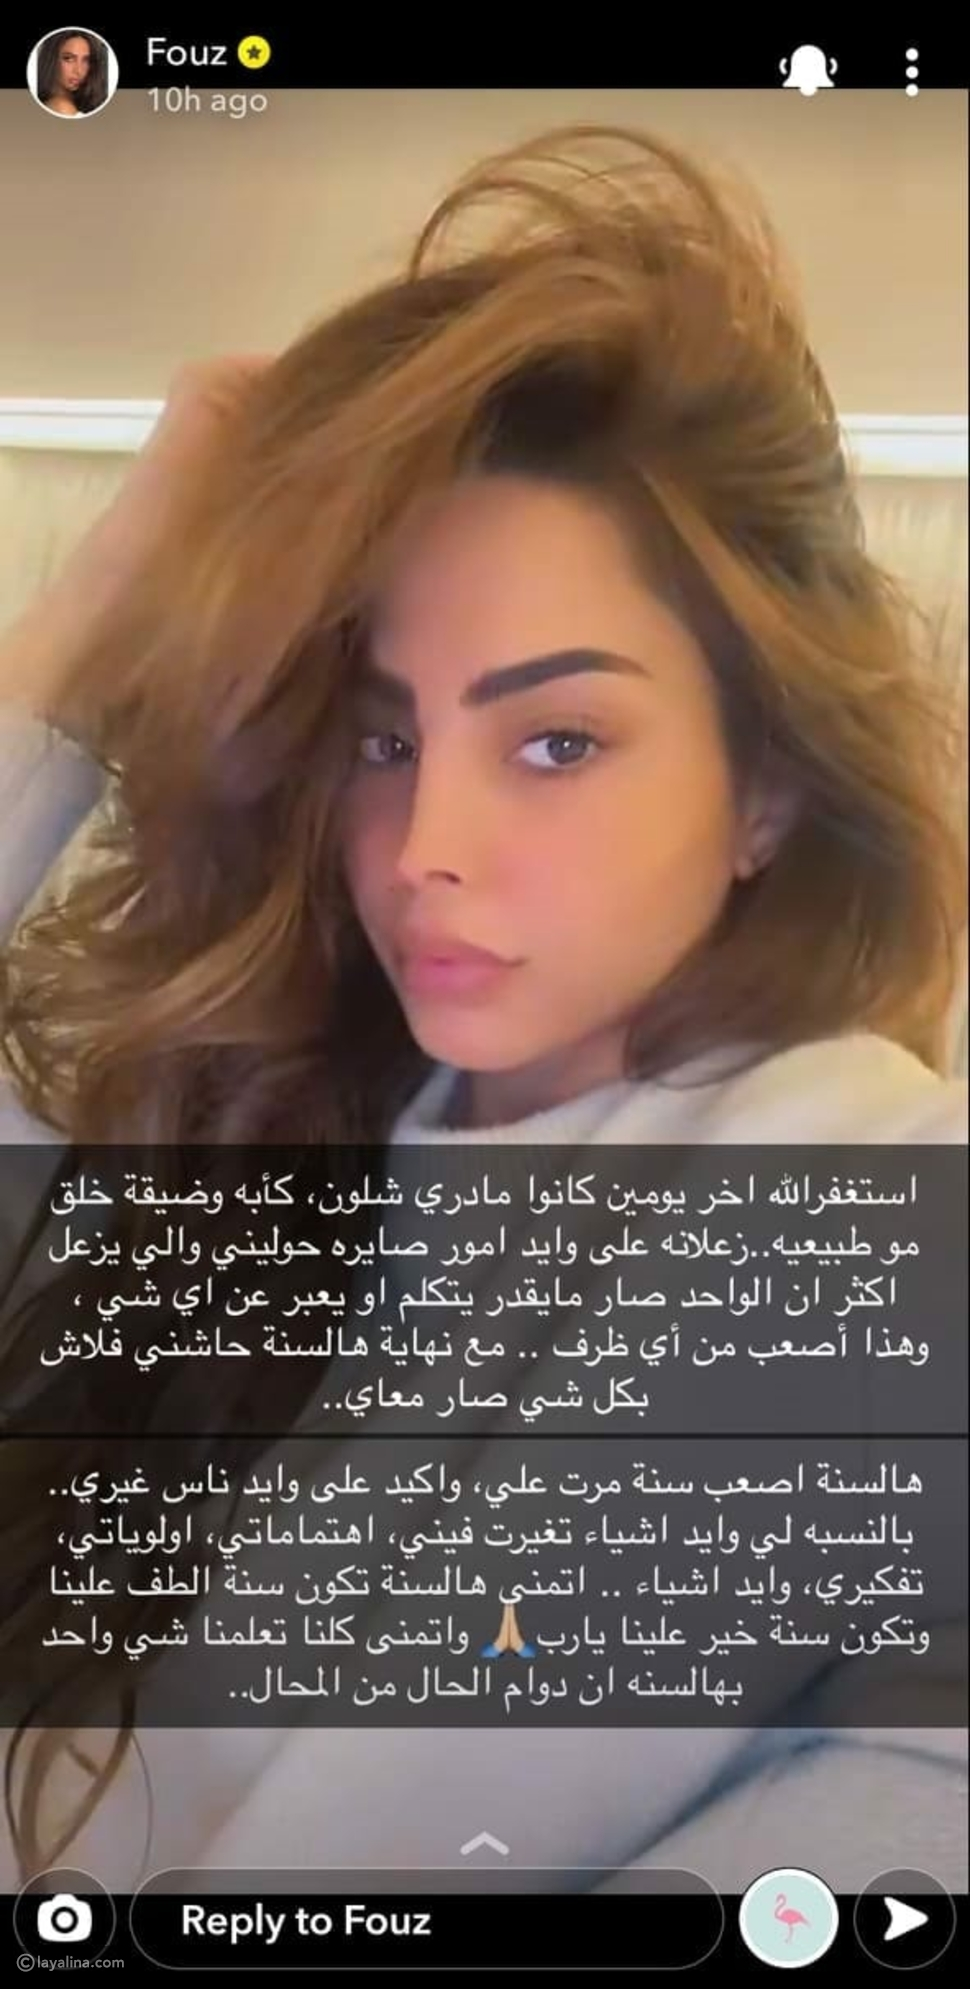 فوز الفهد تقلق متابعيها برسالة حزينة وترد على متابعة وصفتها بالحقيرة